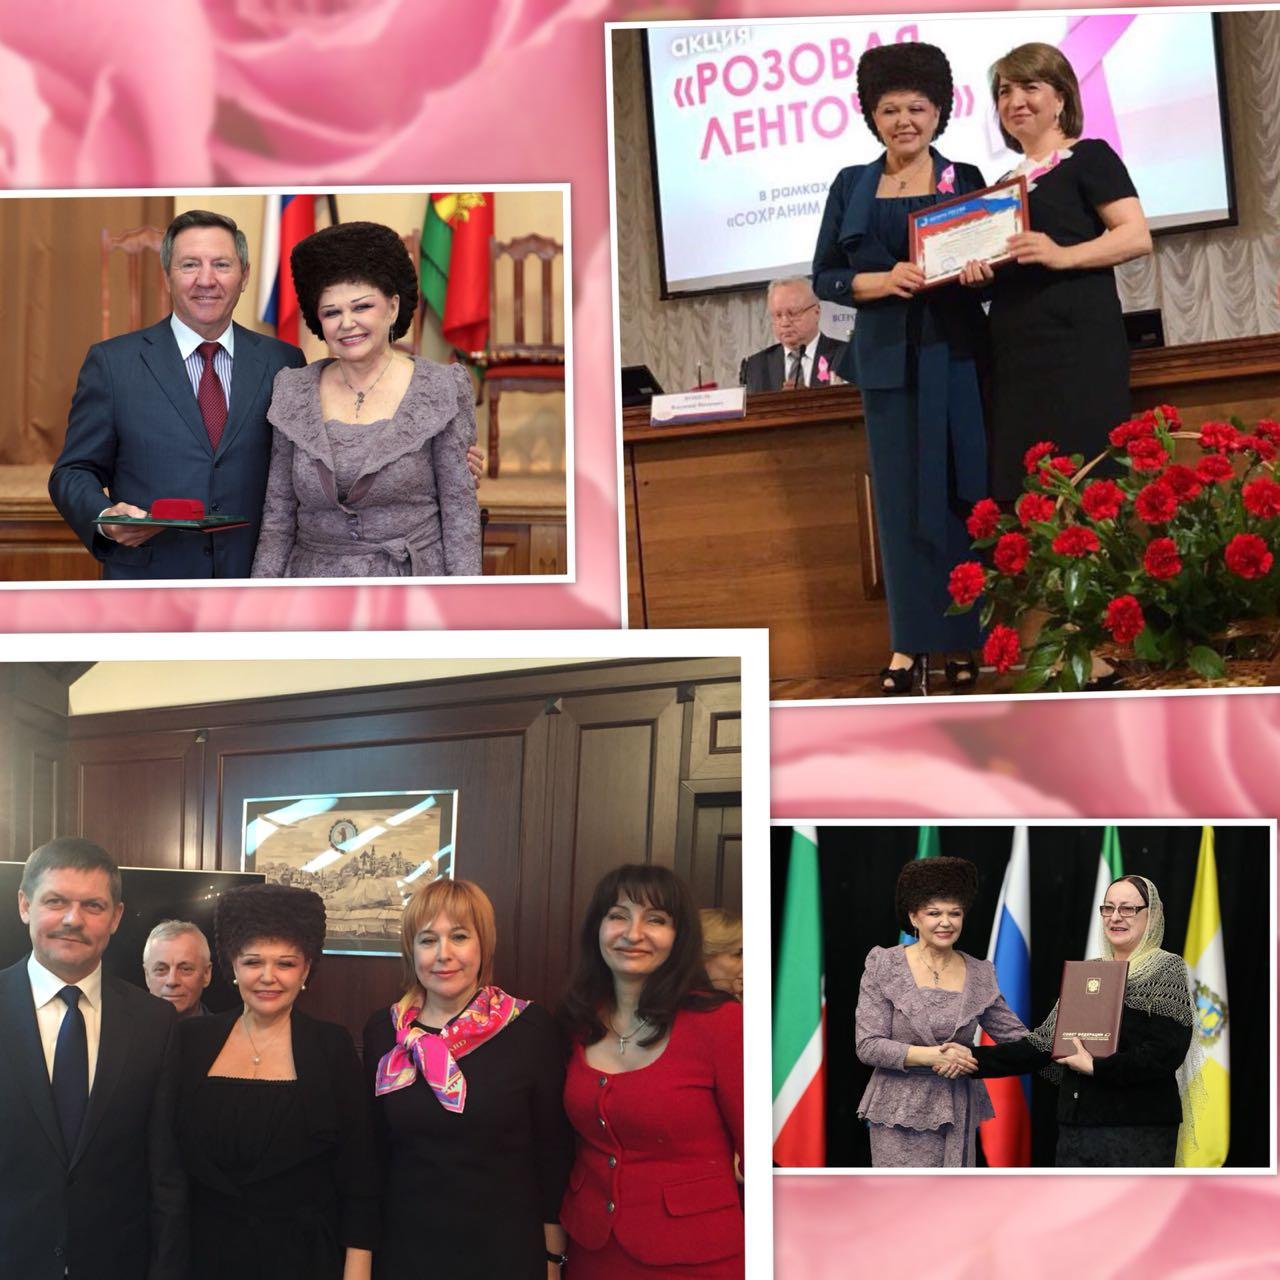 Дорогая наша Валентина Александровна! Поздравляем Вас С днём Рождения